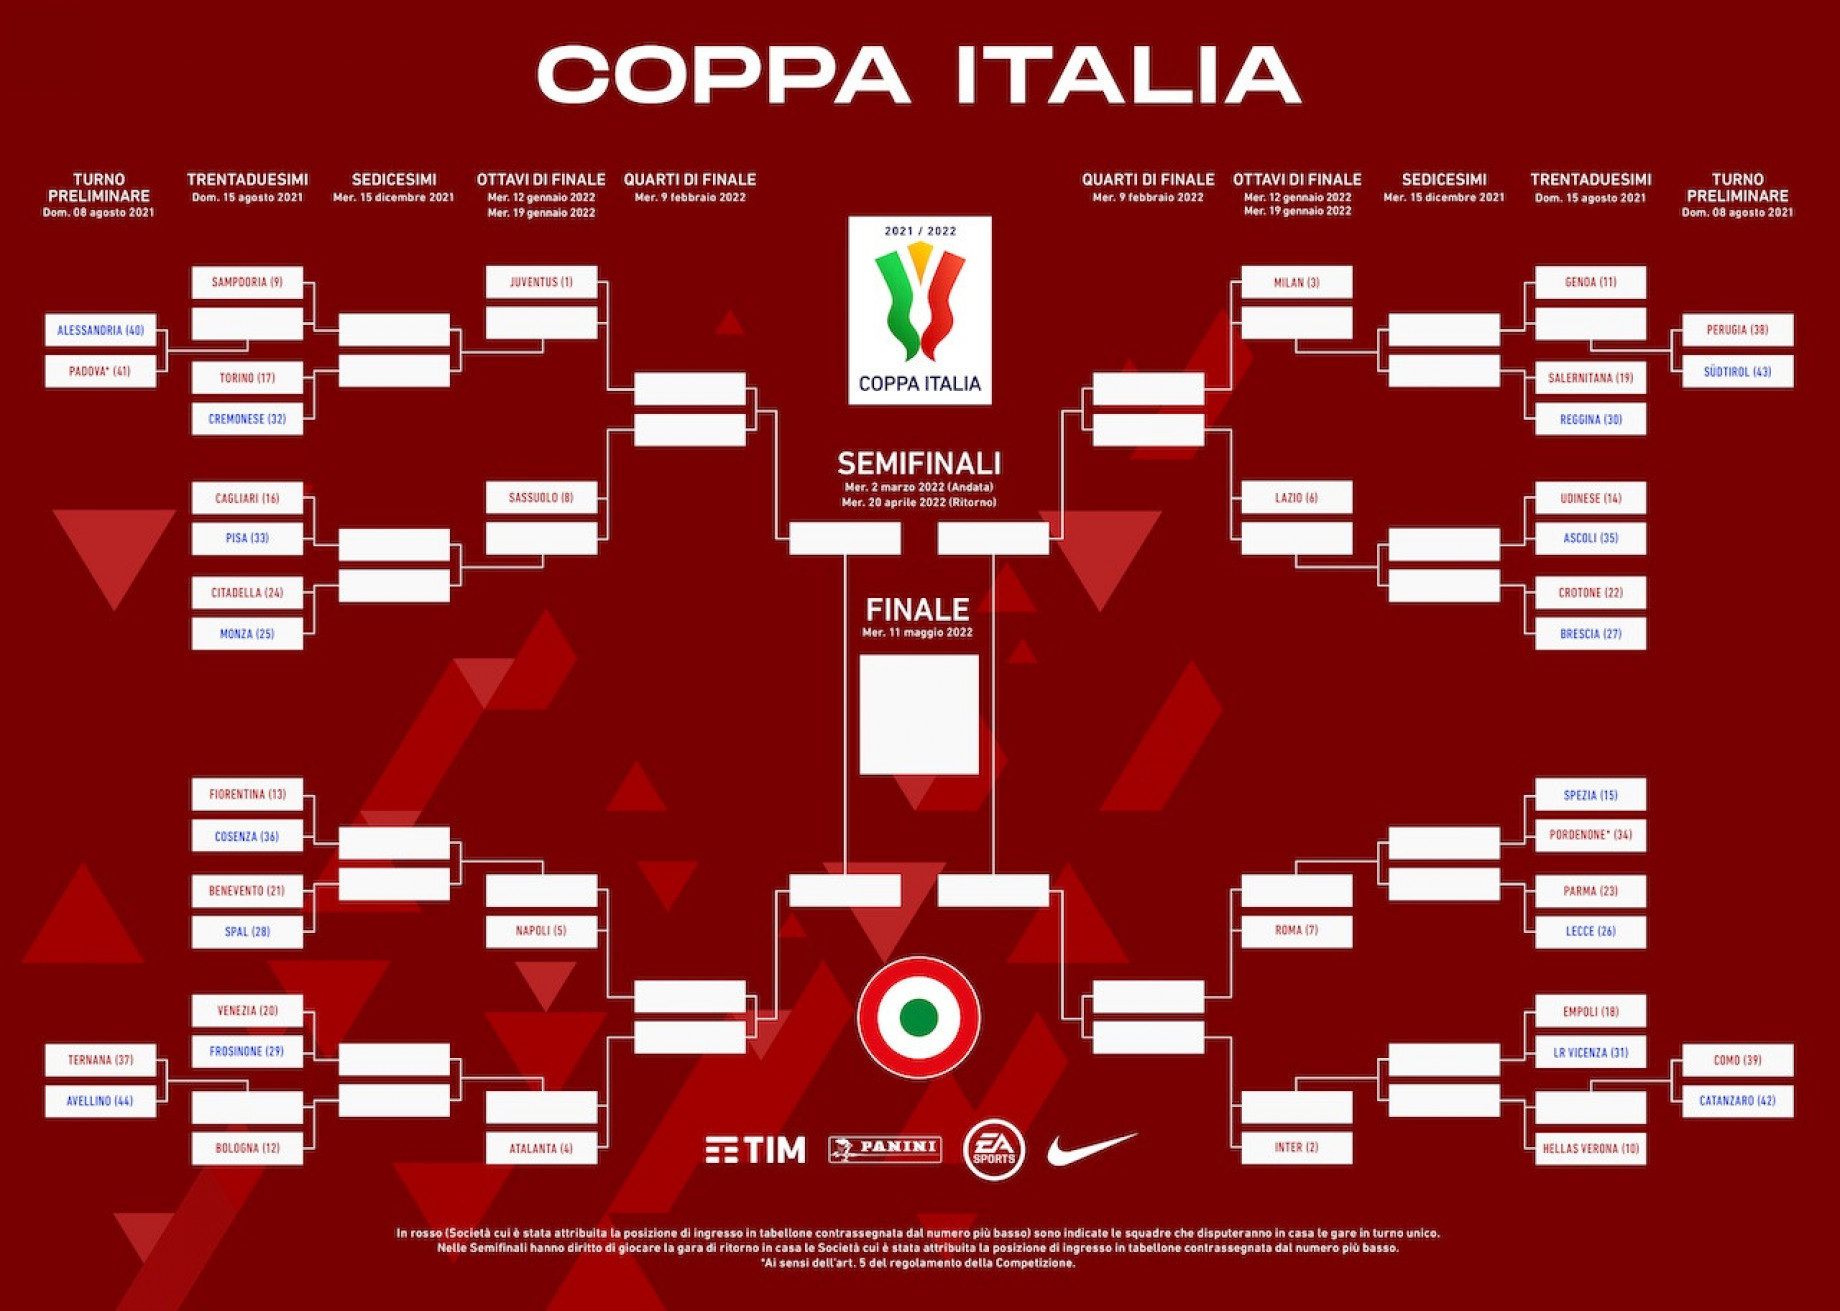 coppa-italia-tabellone.jpg